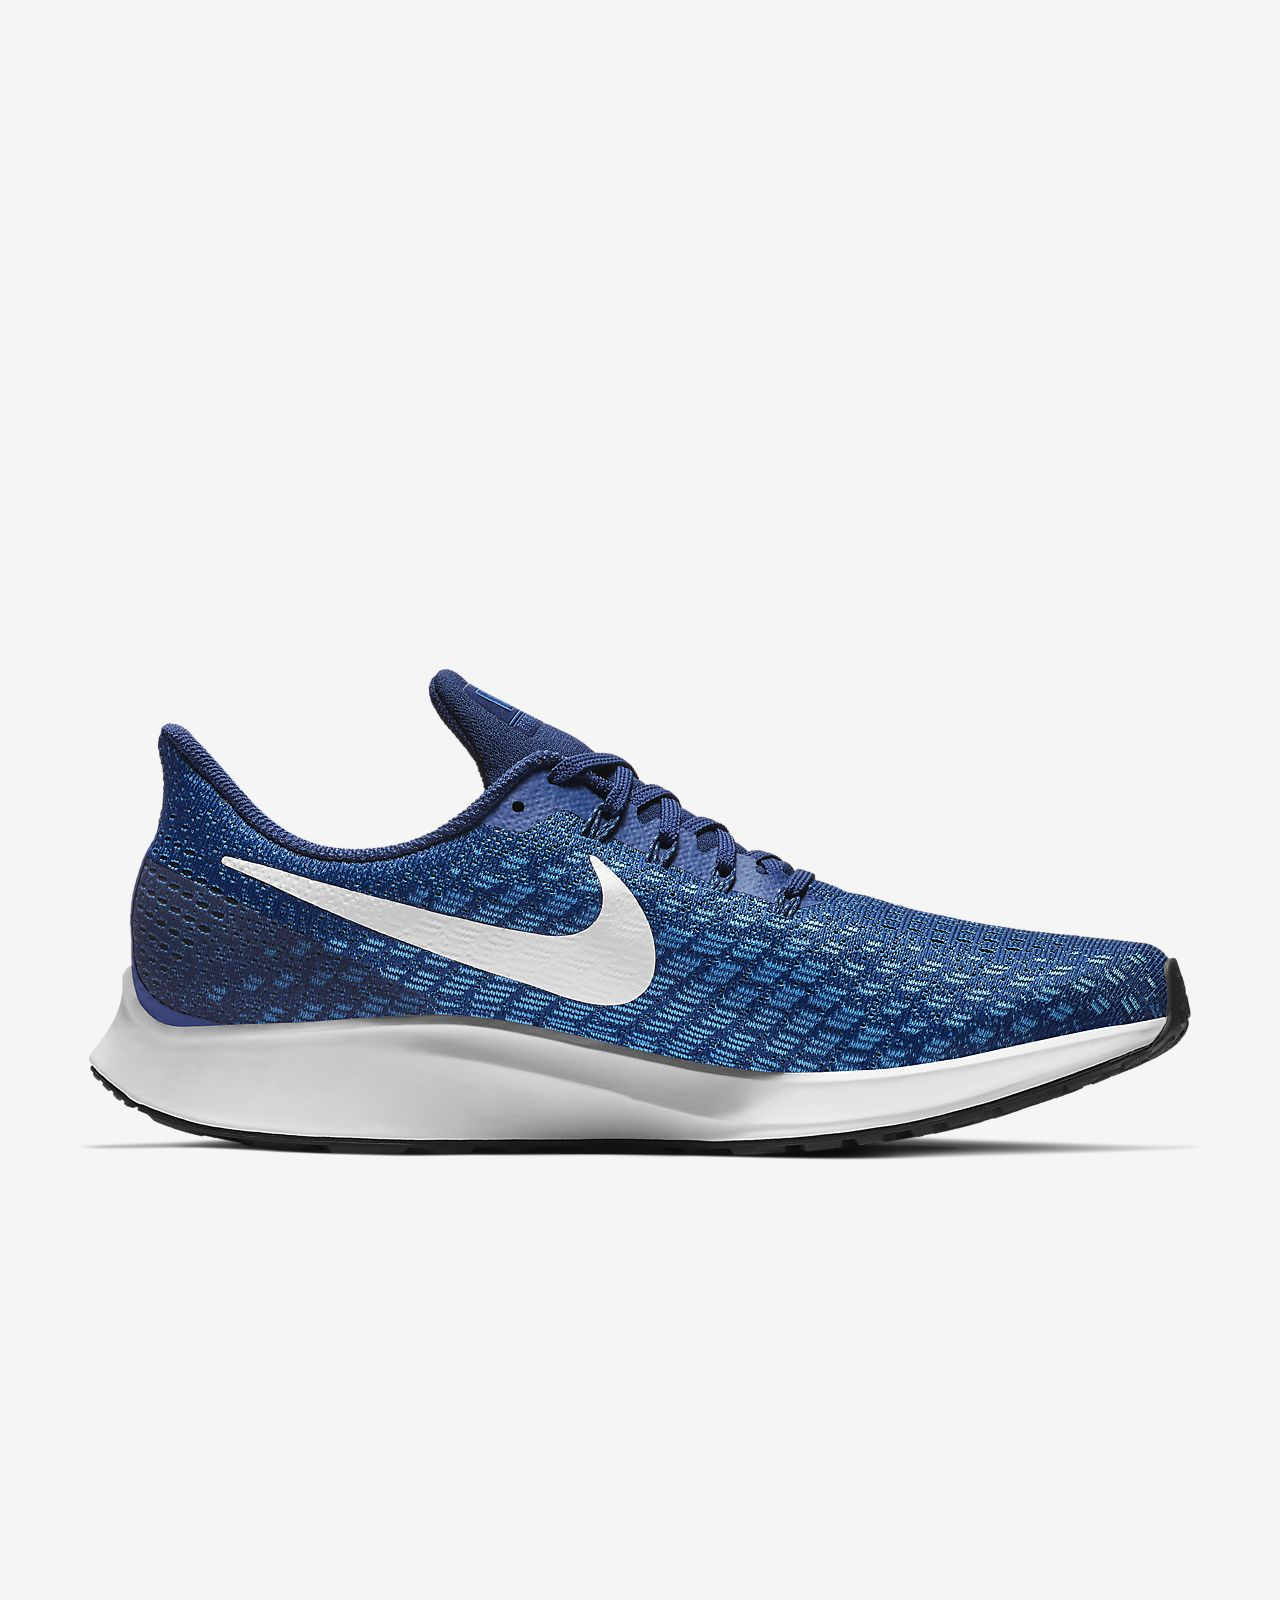 reputable site 4f963 335c9 ... Nike Air Zoom Pegasus 35 Men s Running Shoe